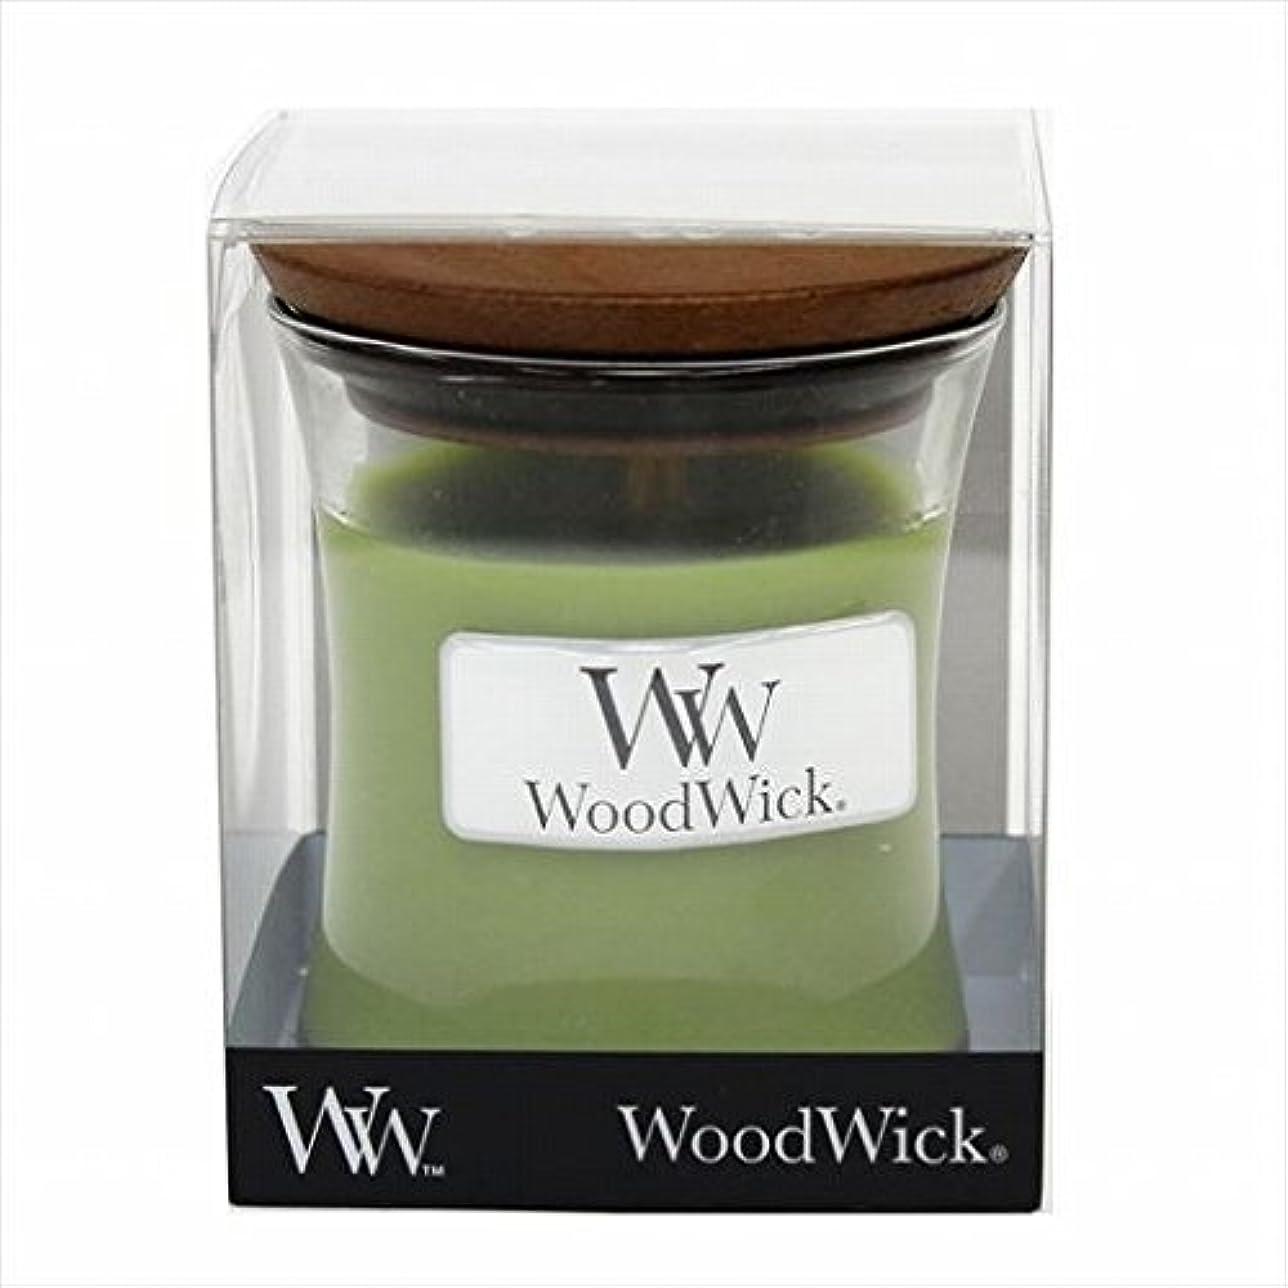 毎日以下ひばりカメヤマキャンドル( kameyama candle ) Wood Wick ジャーS 「 トランクィリティ 」